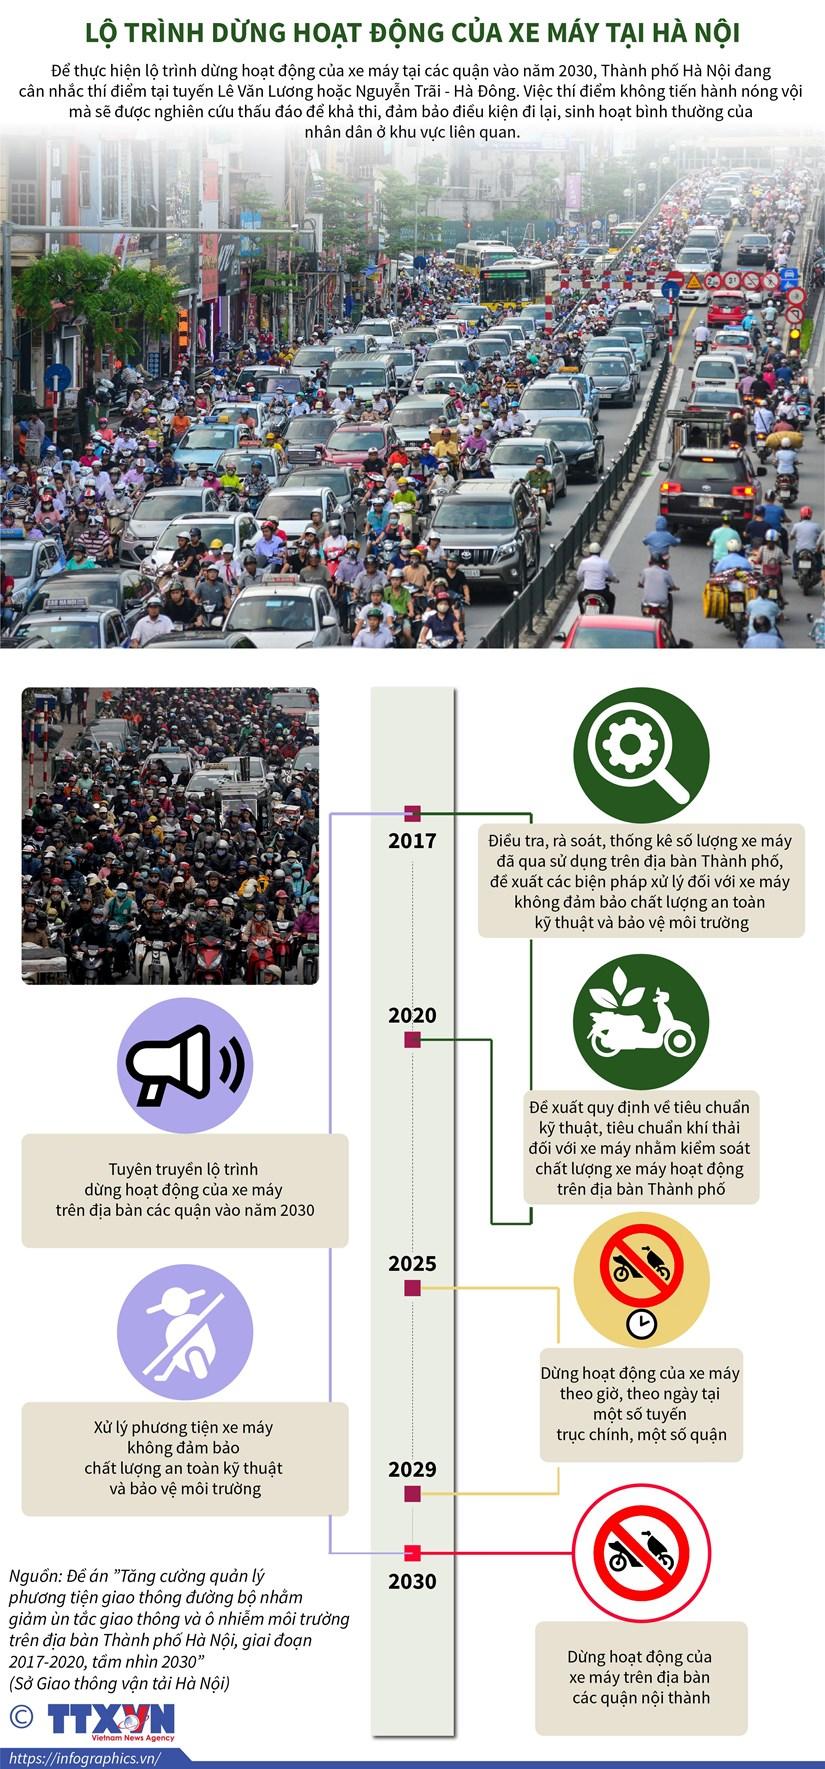 [Infographics] Lo trinh dung hoat dong cua xe may tai Ha Noi hinh anh 1